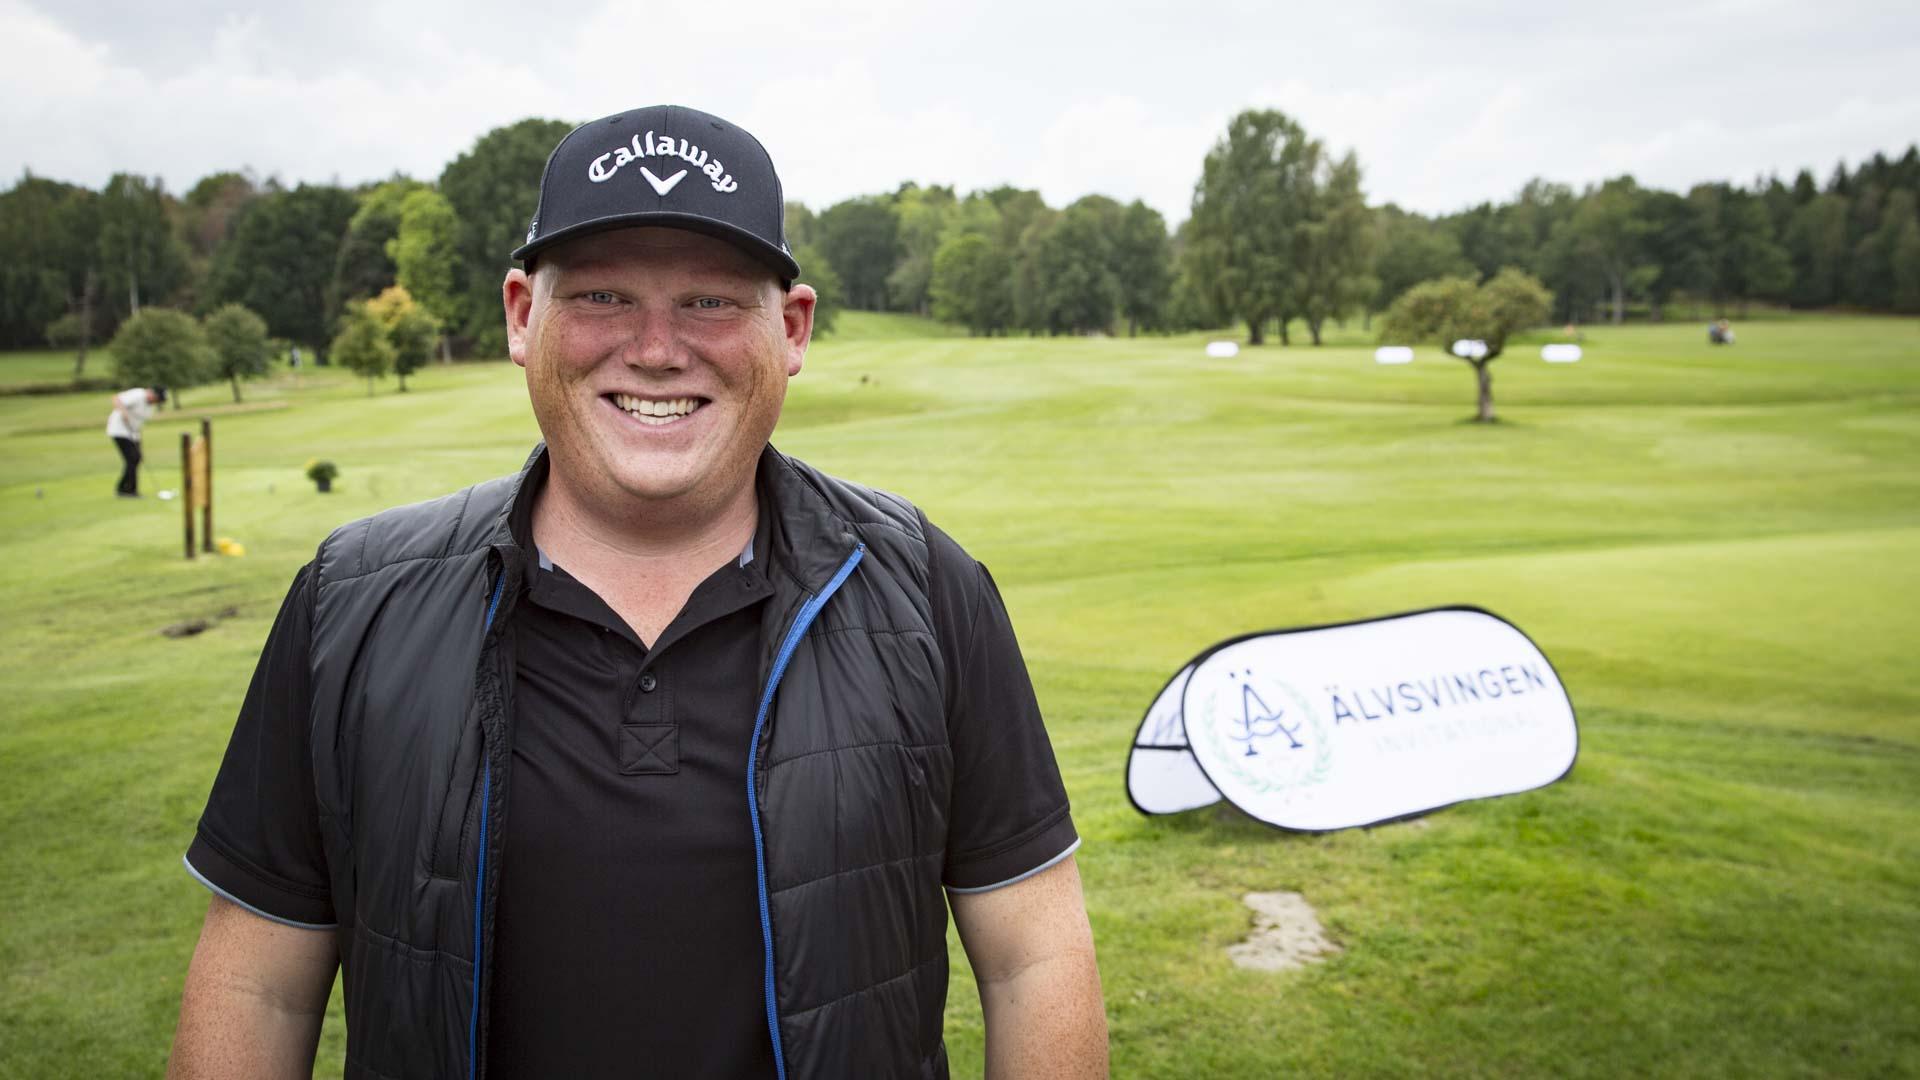 Callaway har golfsveriges gladaste medarbetare